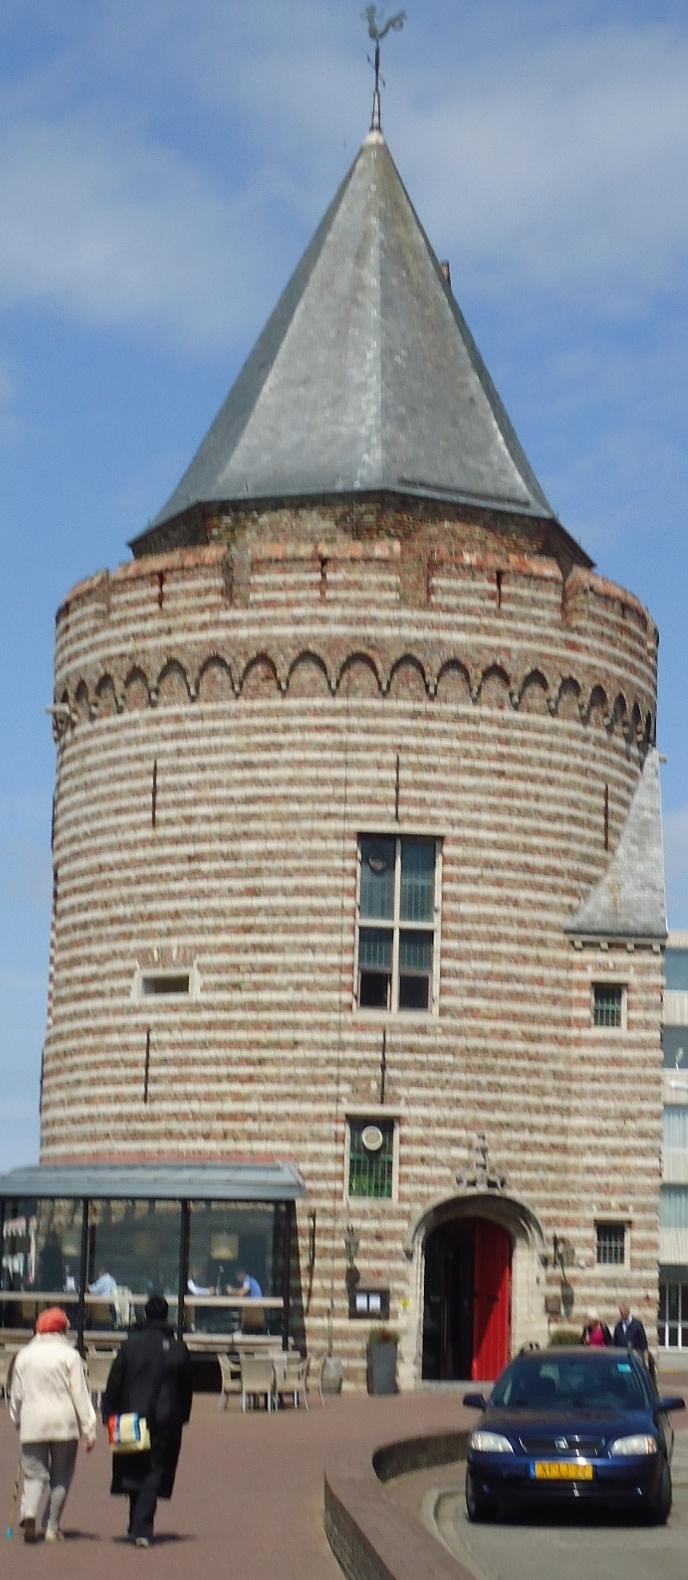 Marche Kennedy Bergen op Zoom–Vlissingen, NL: 02-03/06/2012 Kopie+van+Foto+092